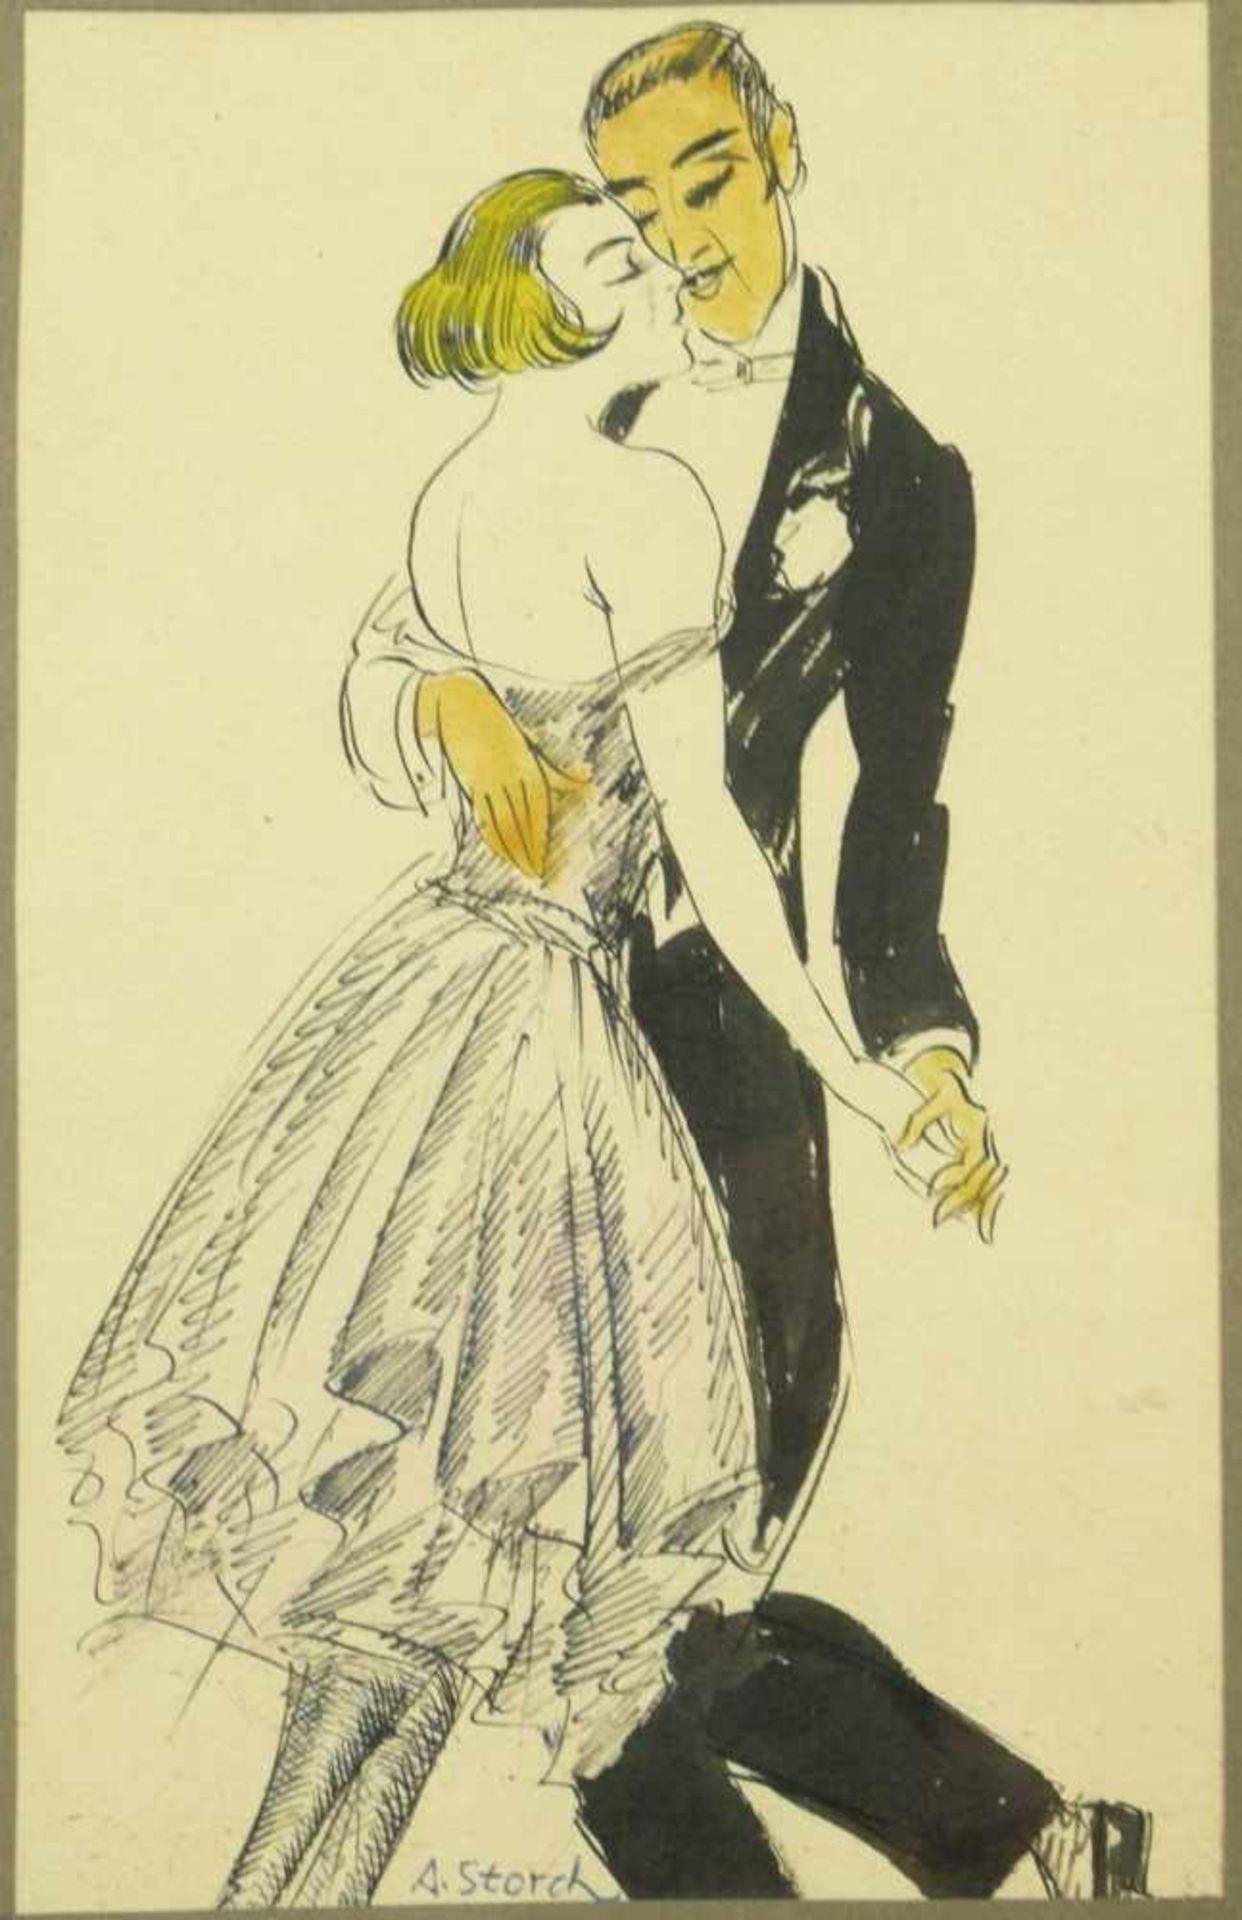 Storch, Josef Anton (1892-1979) - Tanzendes Paar ZeichnungSchwungvolle Zeichnung eines aneinander